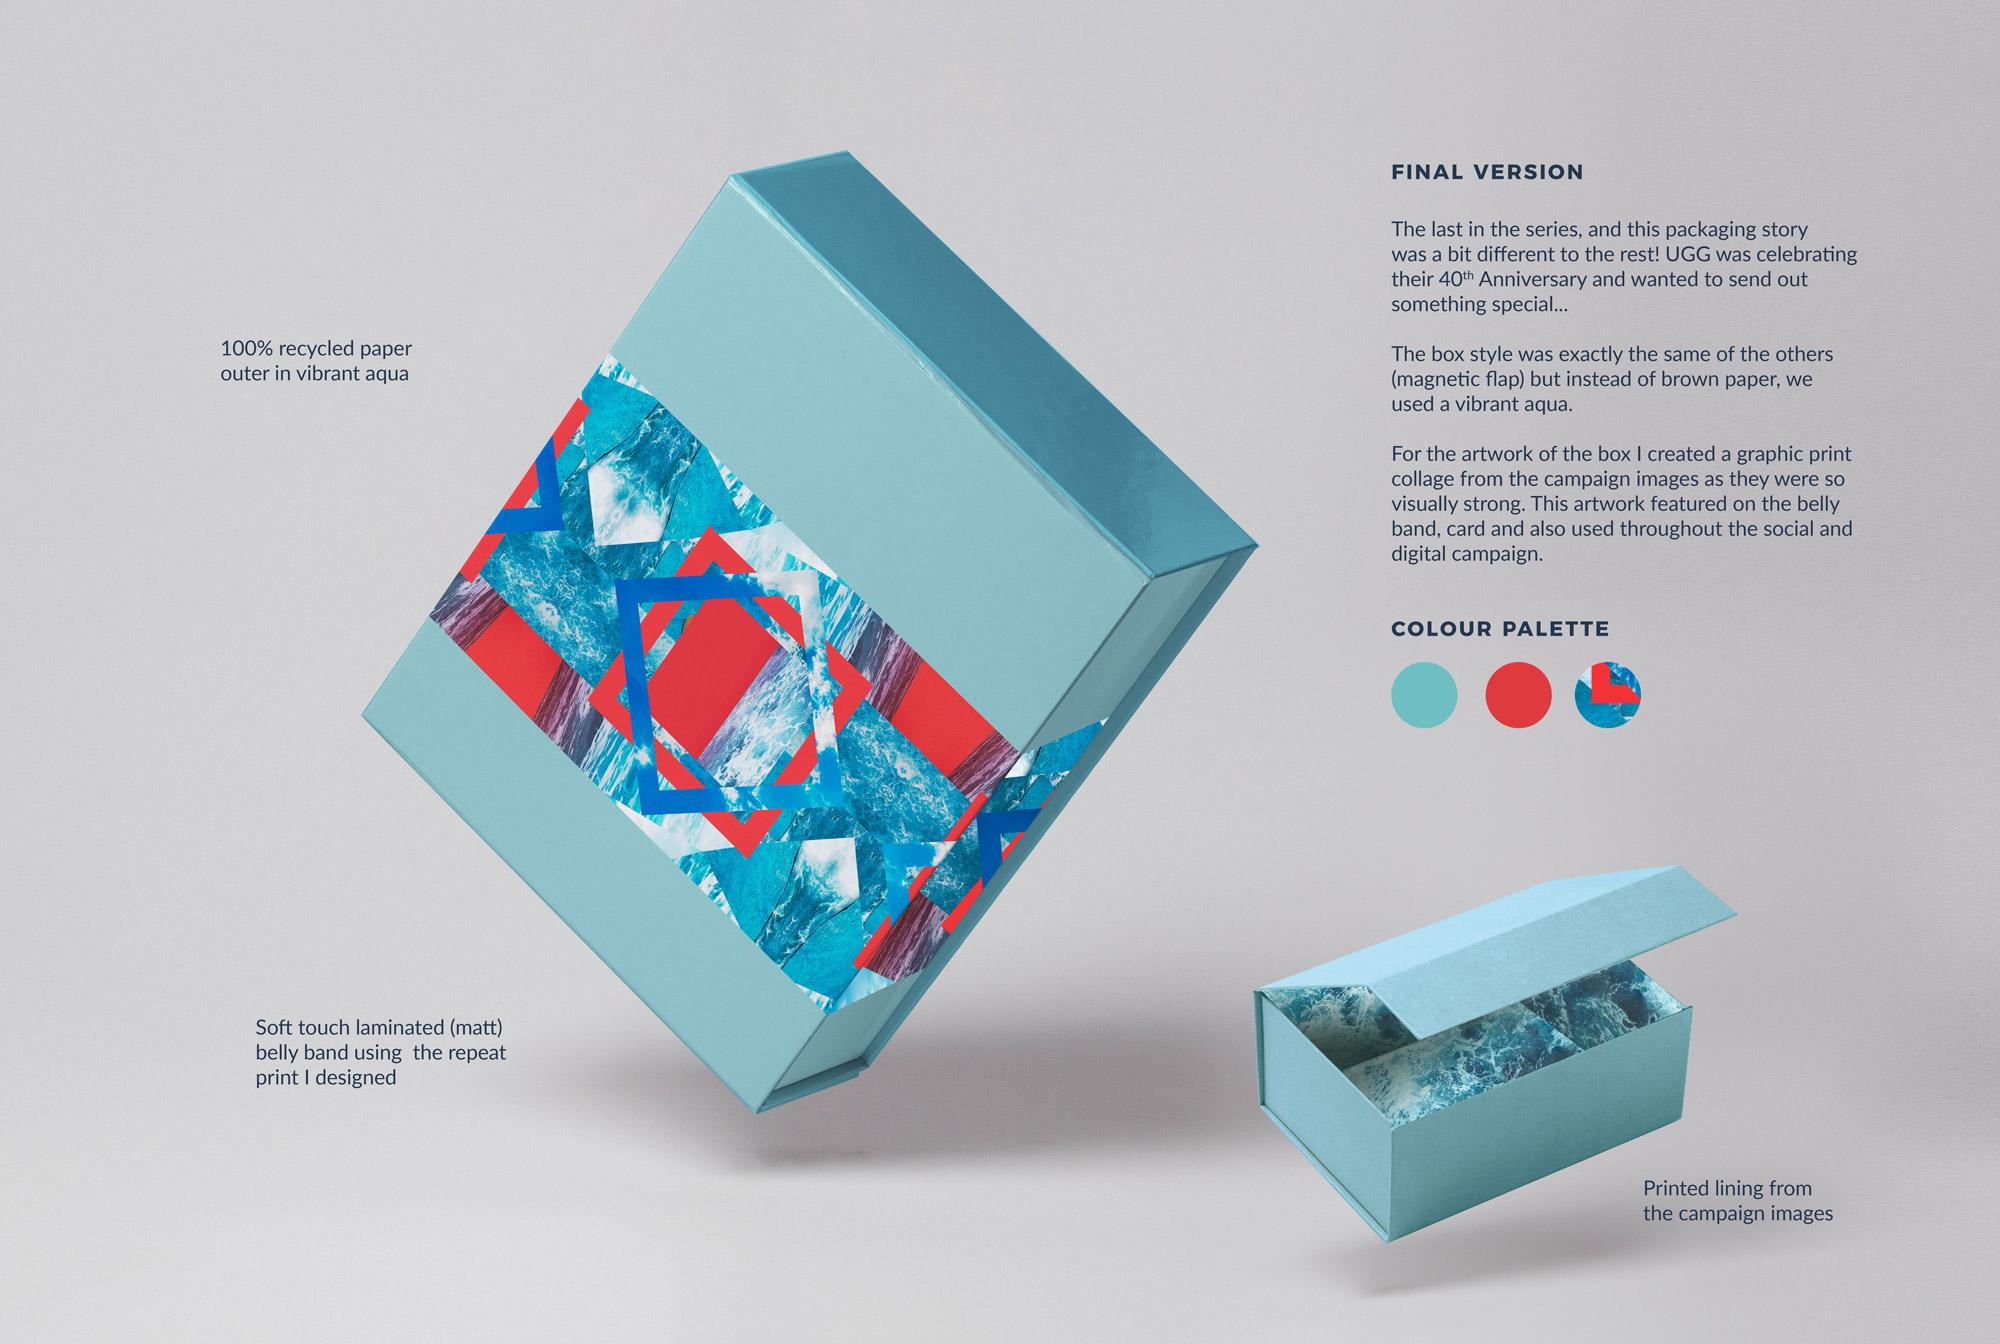 UGG_Packaging-Design_Influencer-Mailer-8